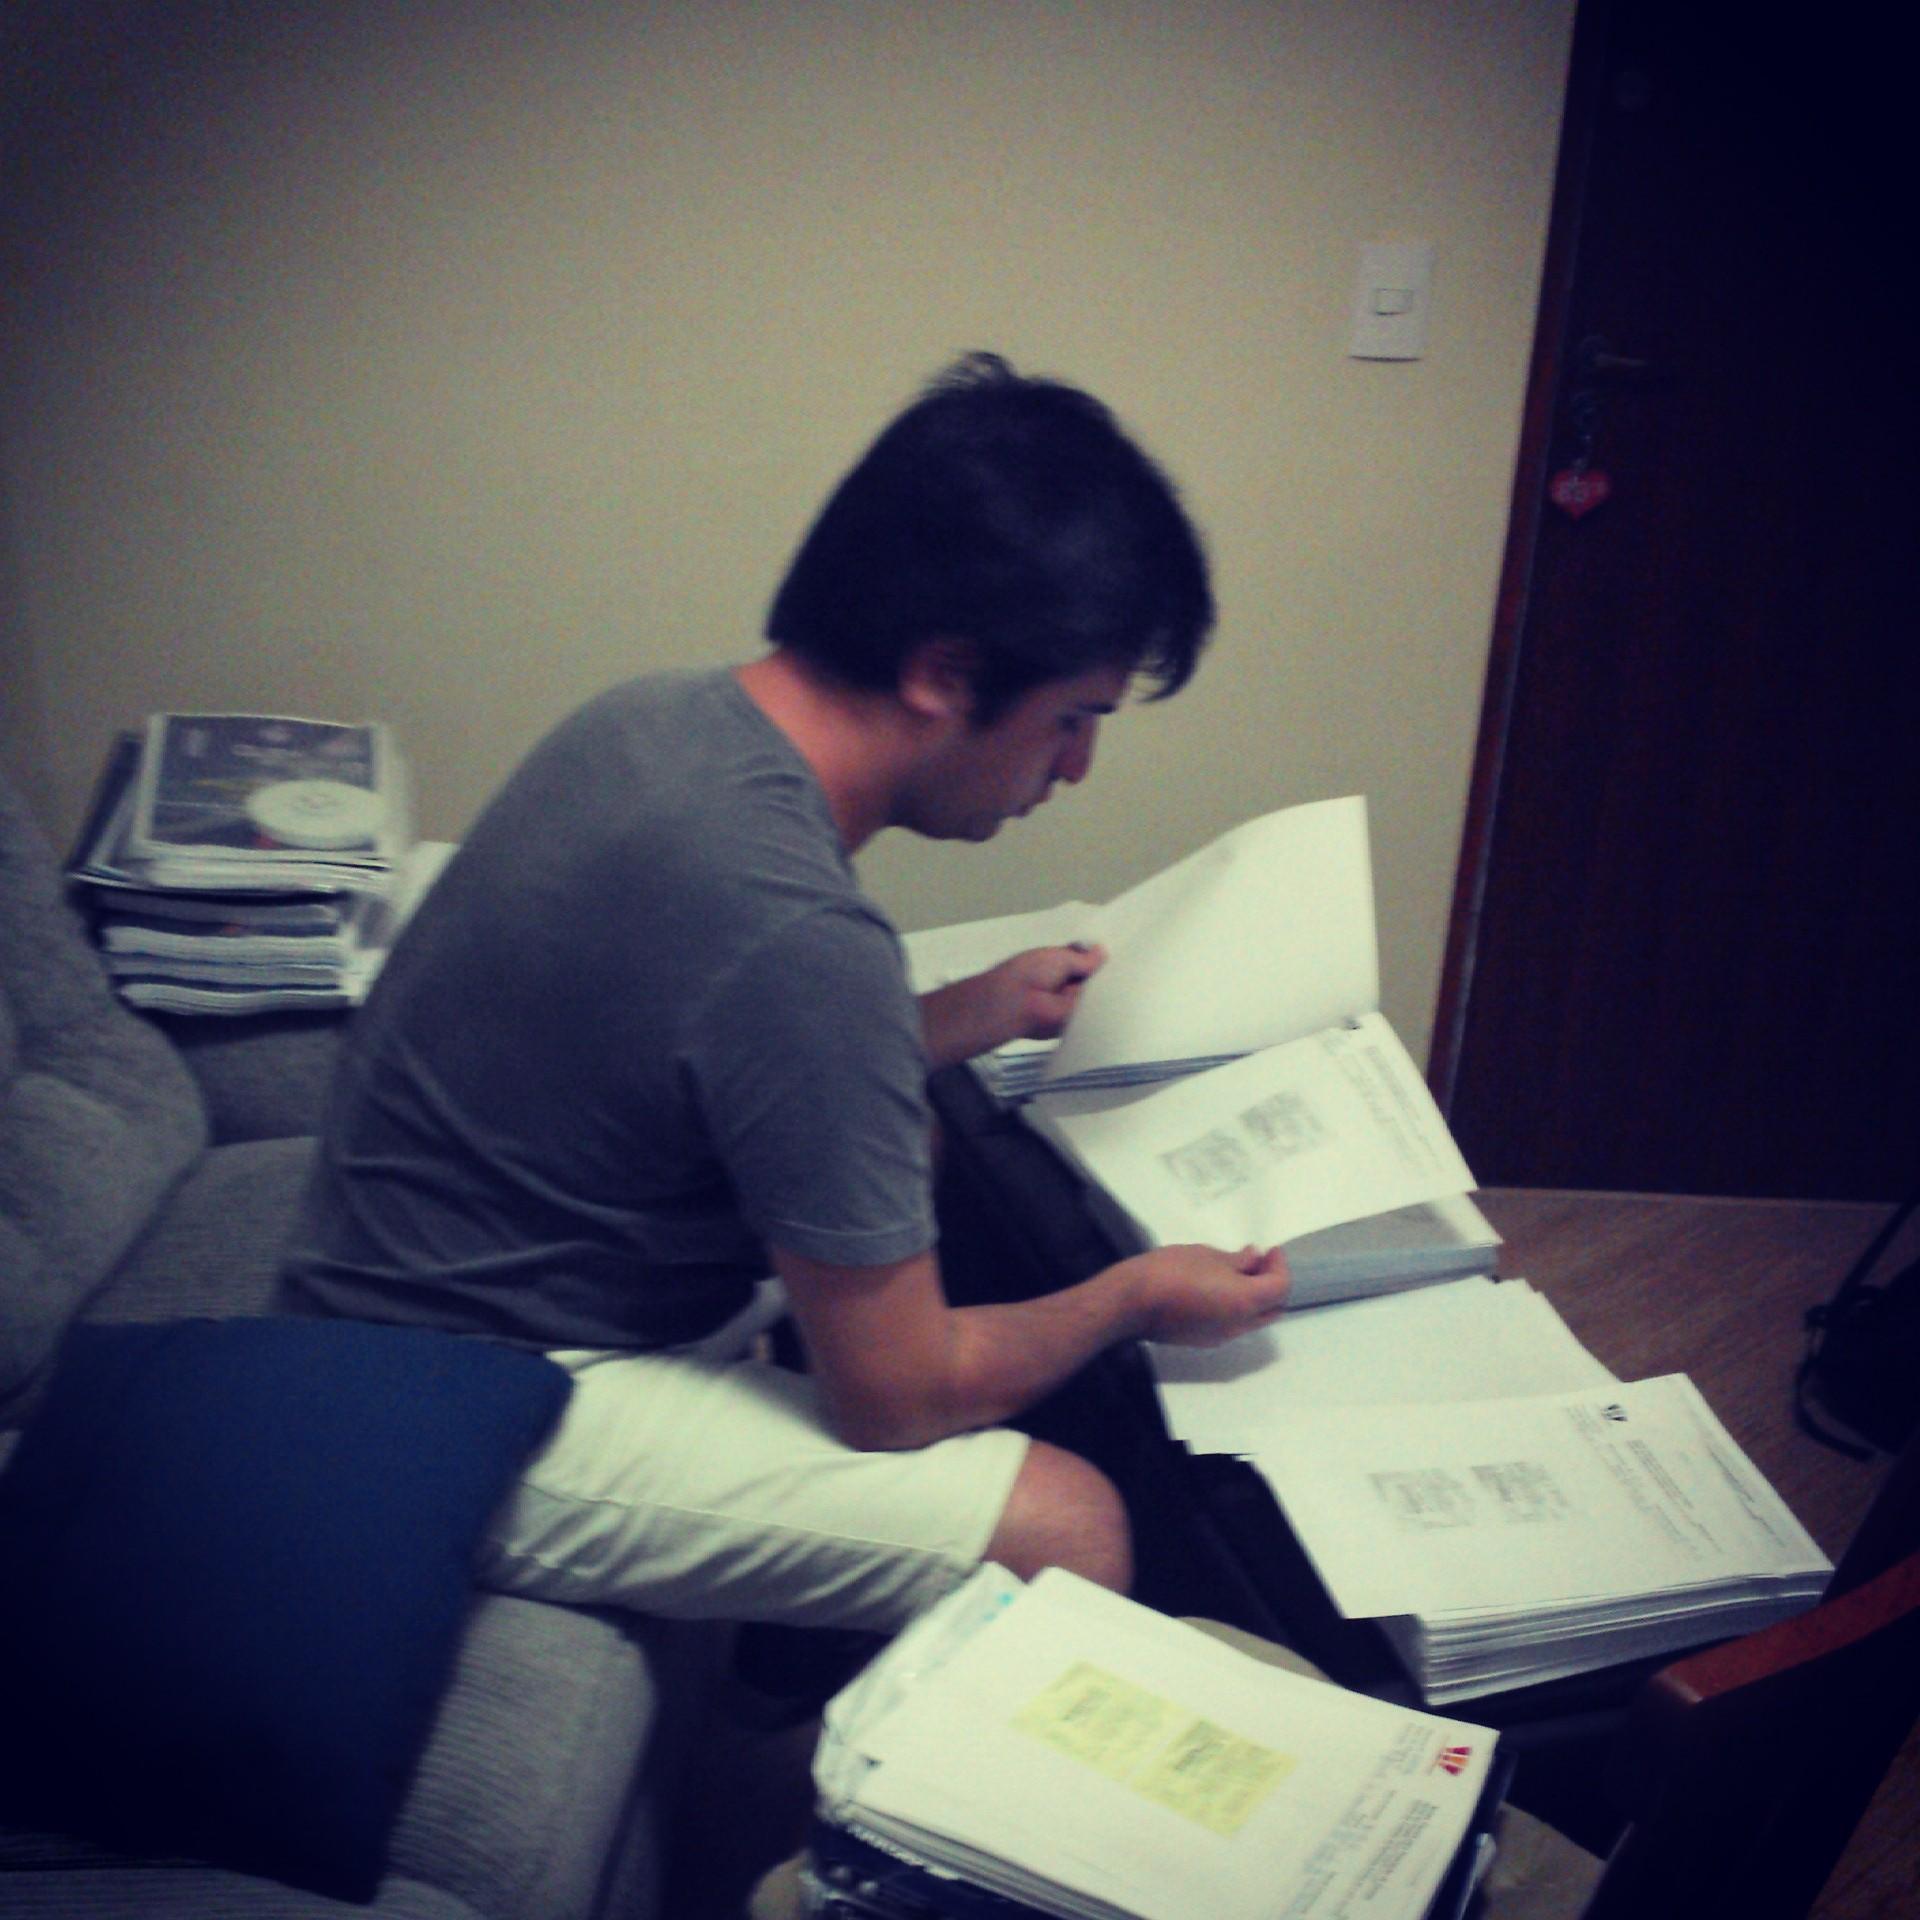 Organizando a prestação de contas - Abr/2013